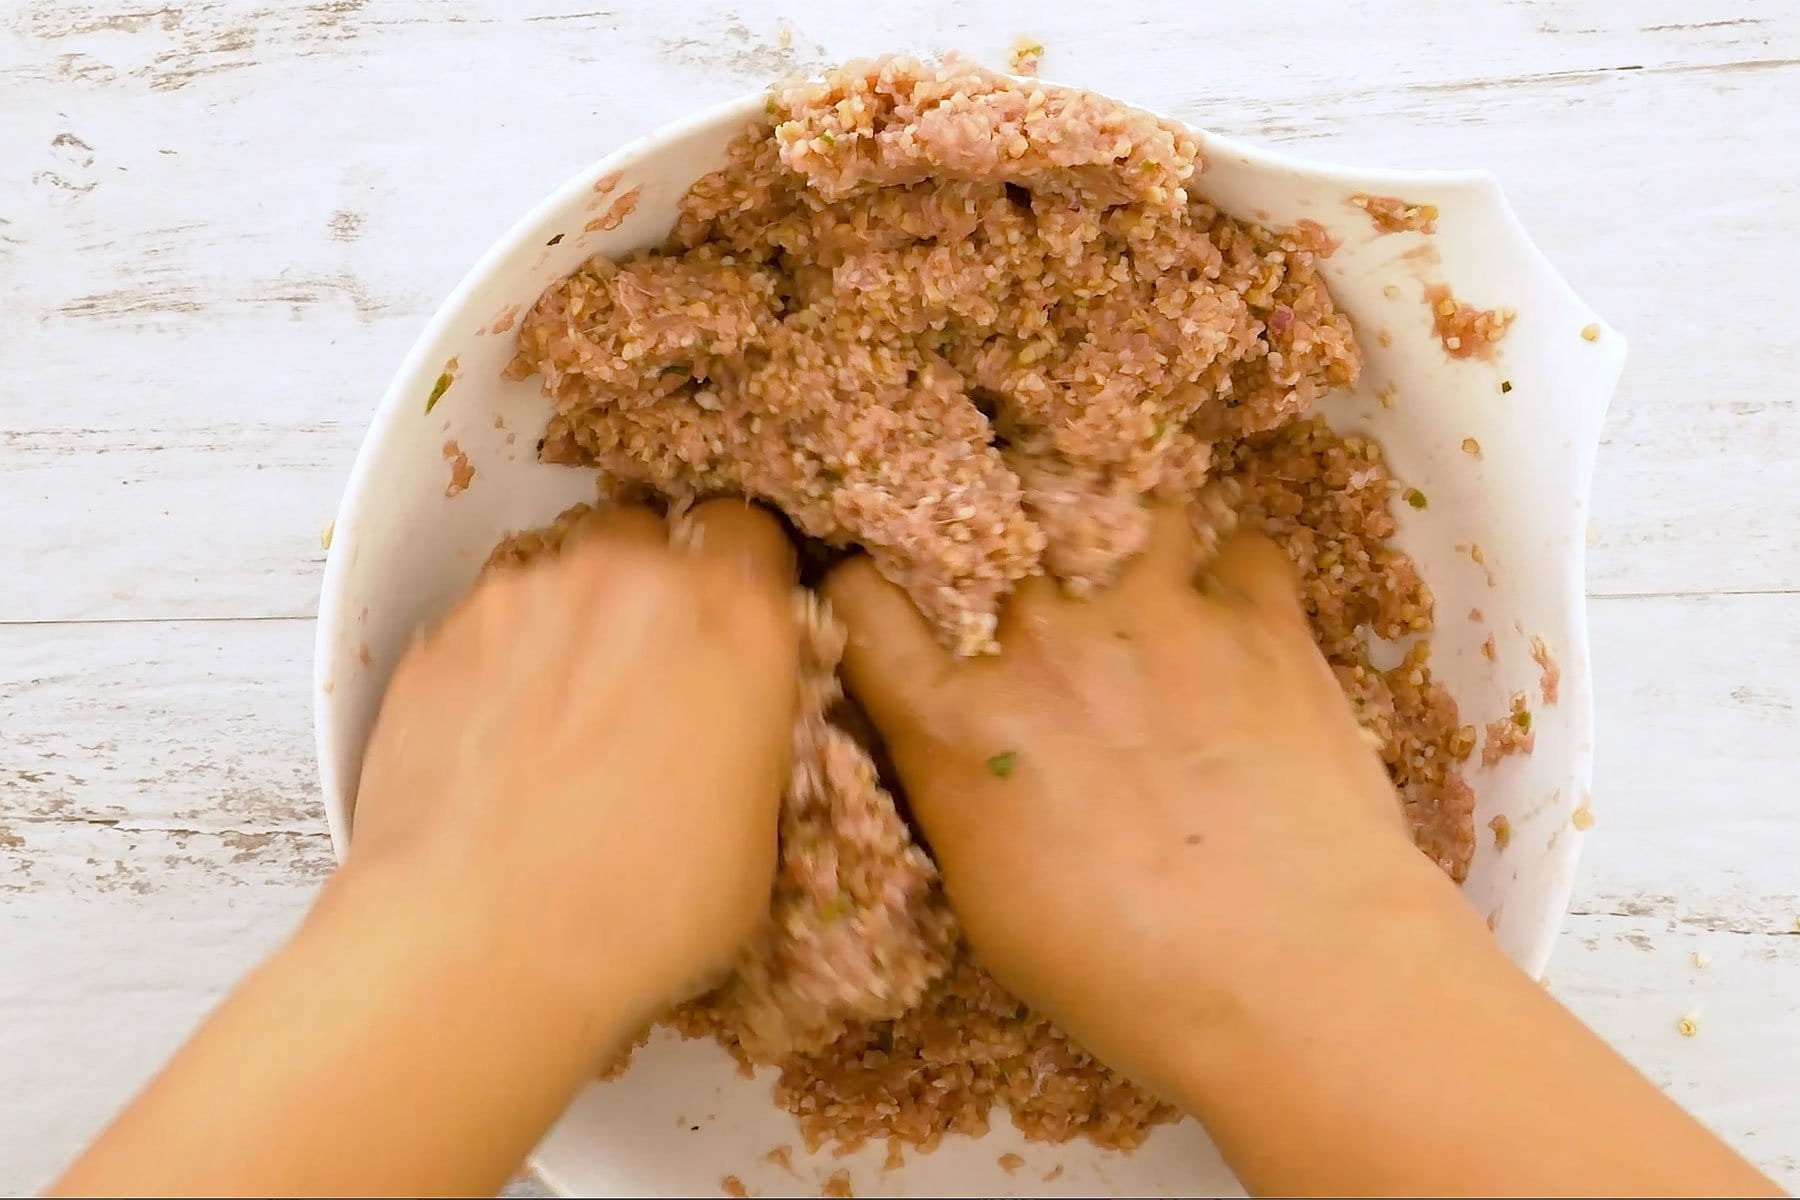 Mezclando trigo y carne con las manos